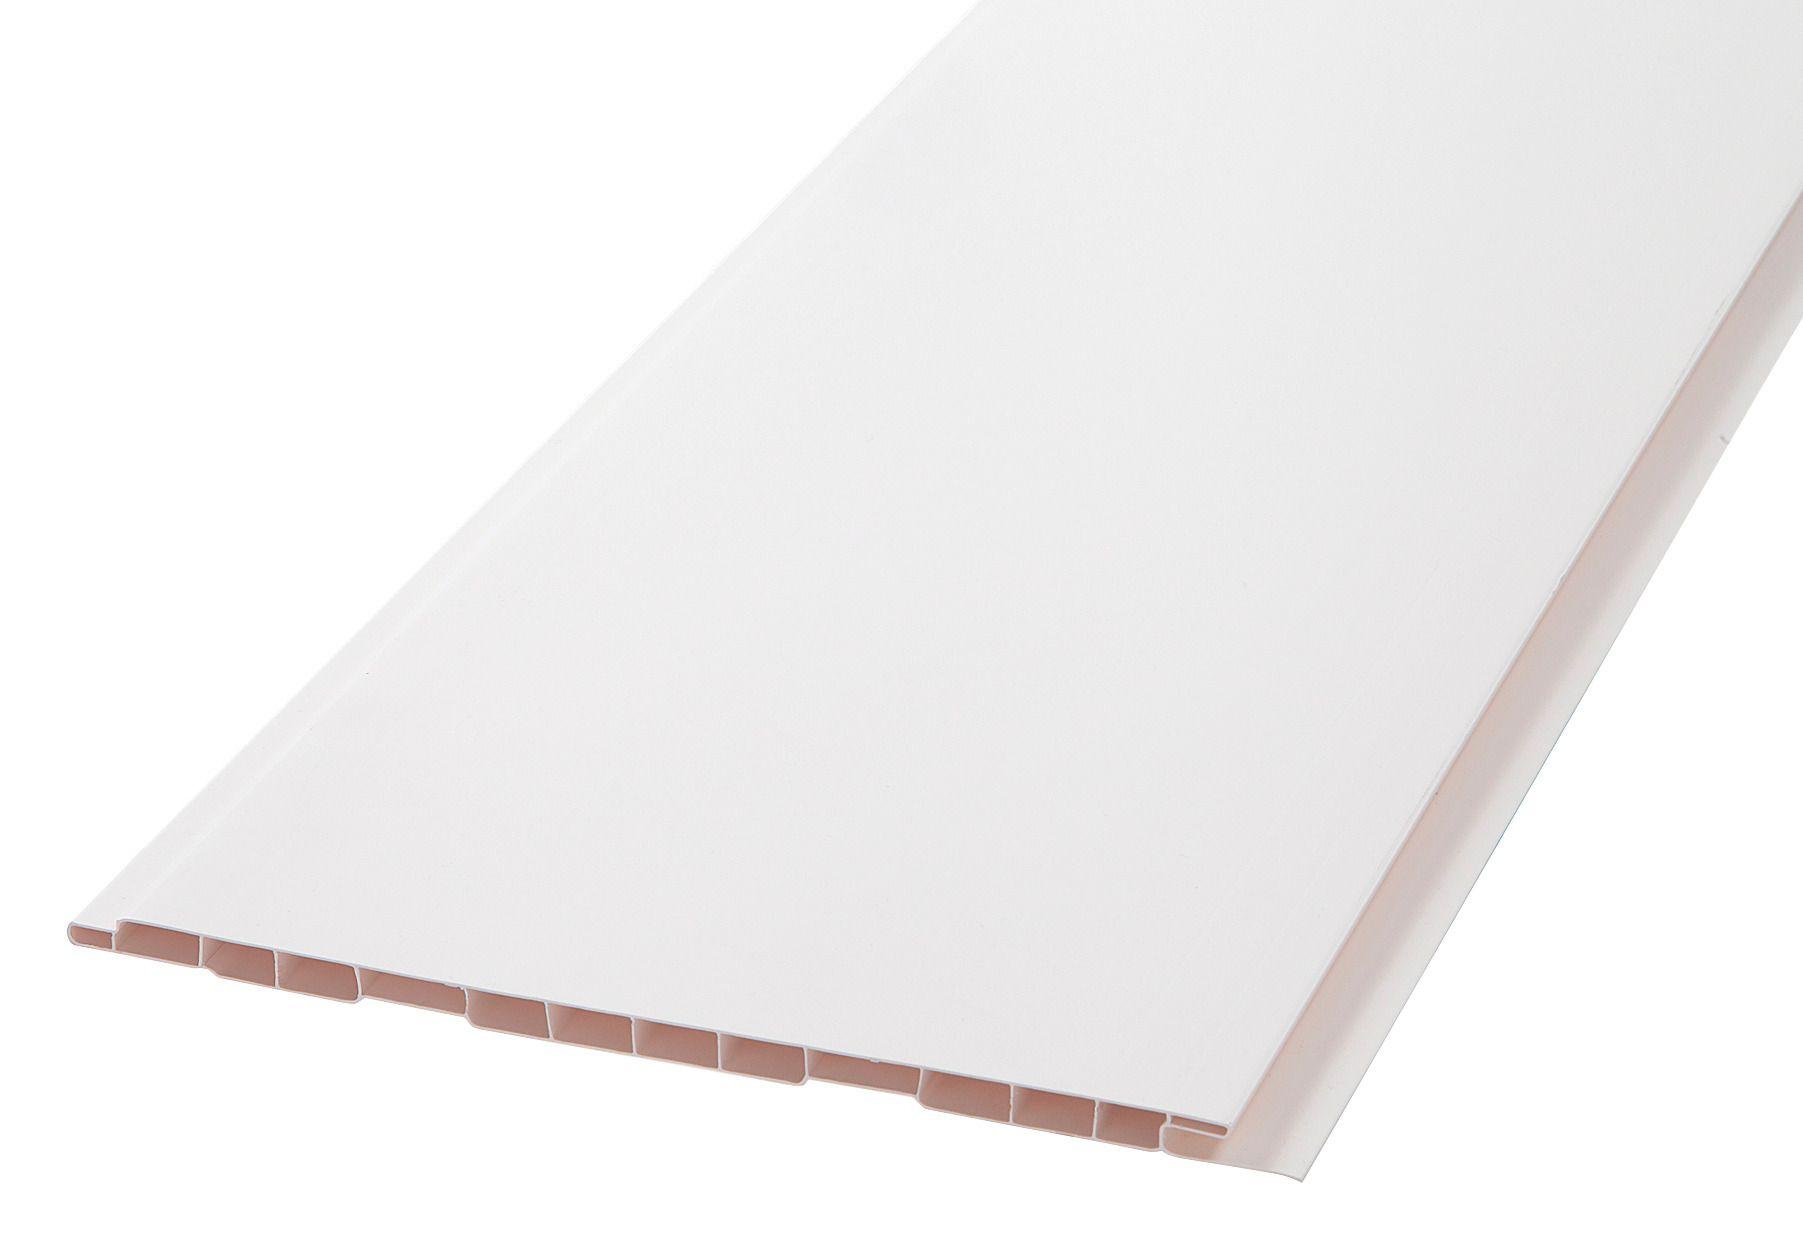 BAUKULIT Baukulit Spar-Set: Verkleidungspaneele B 20 glatt Profiline, 8,1 m²